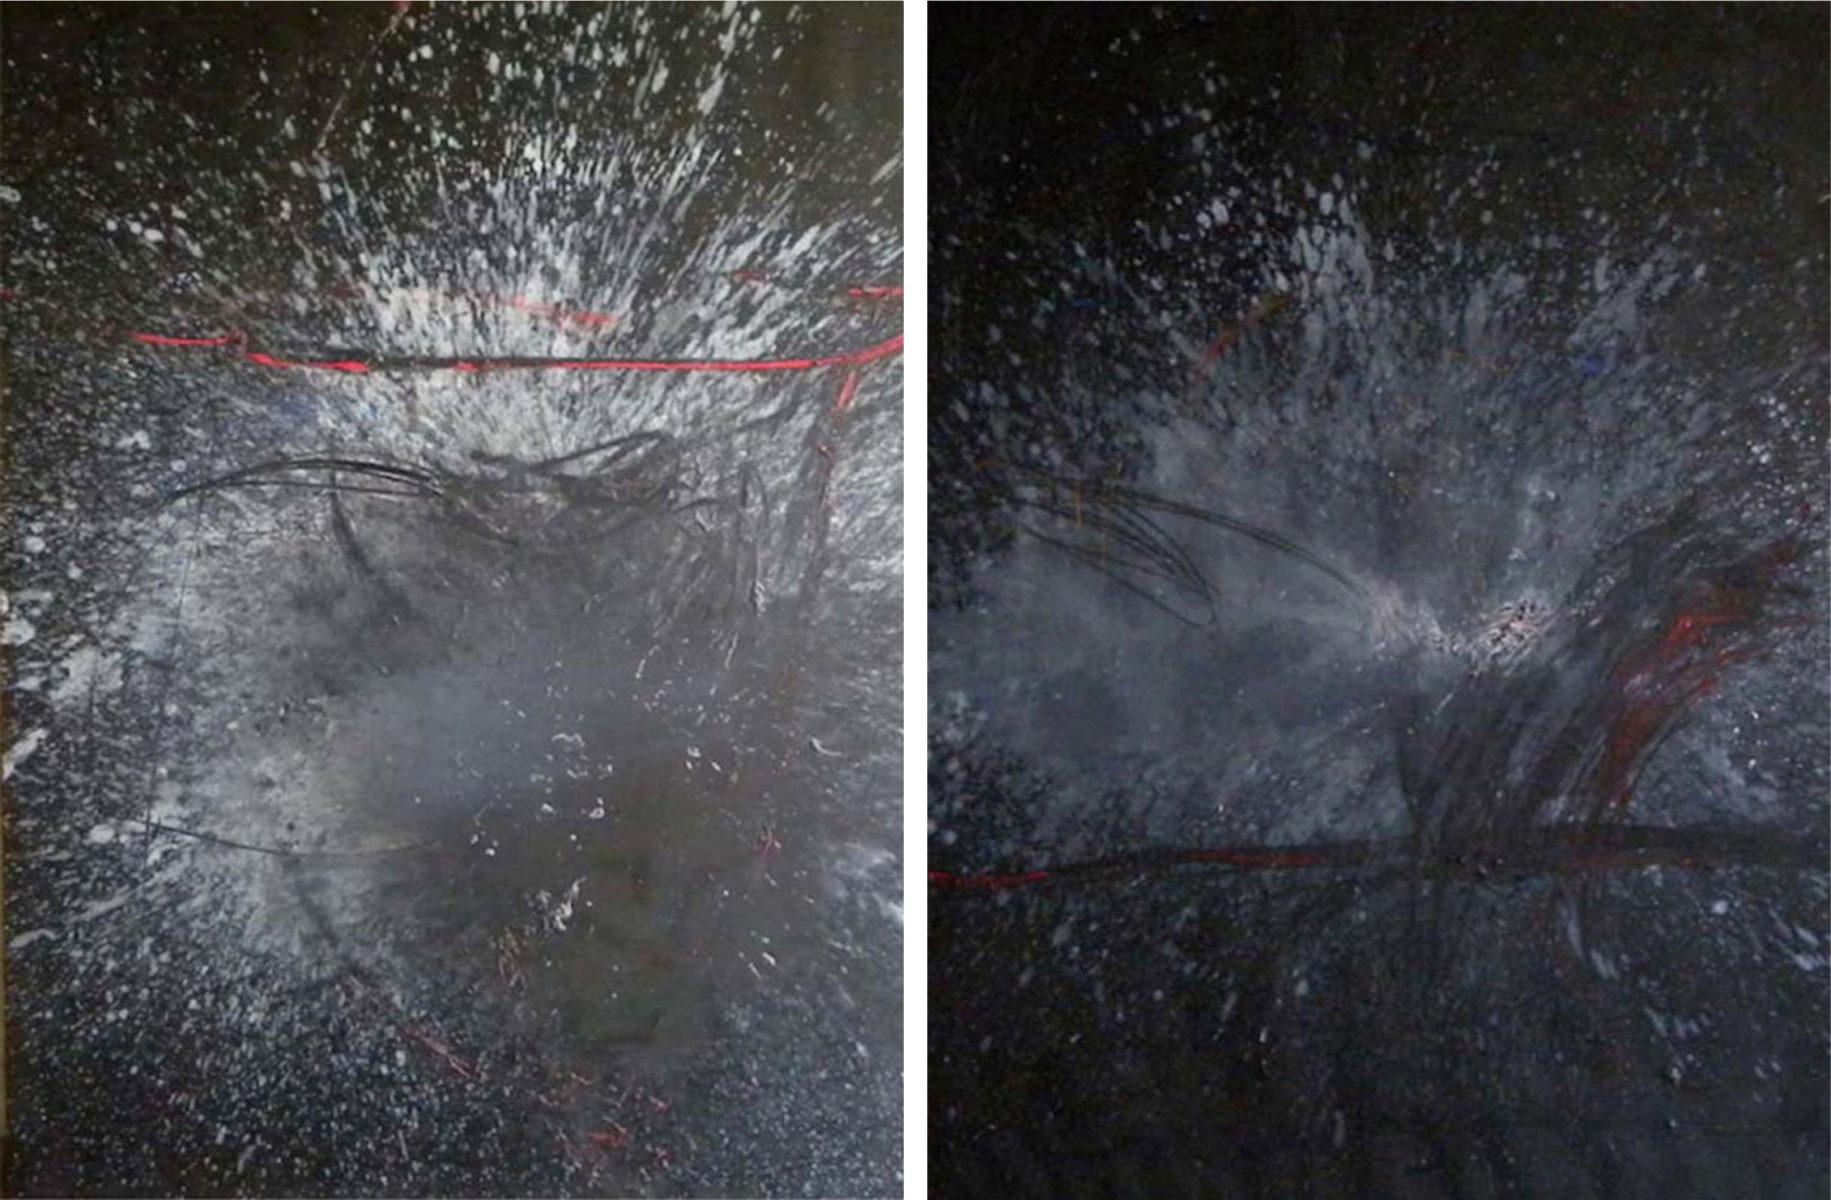 MARC FELD 2009  AU VIF DU MONDE  9/10   Huile et pigment sur toile 300 x 200 cm